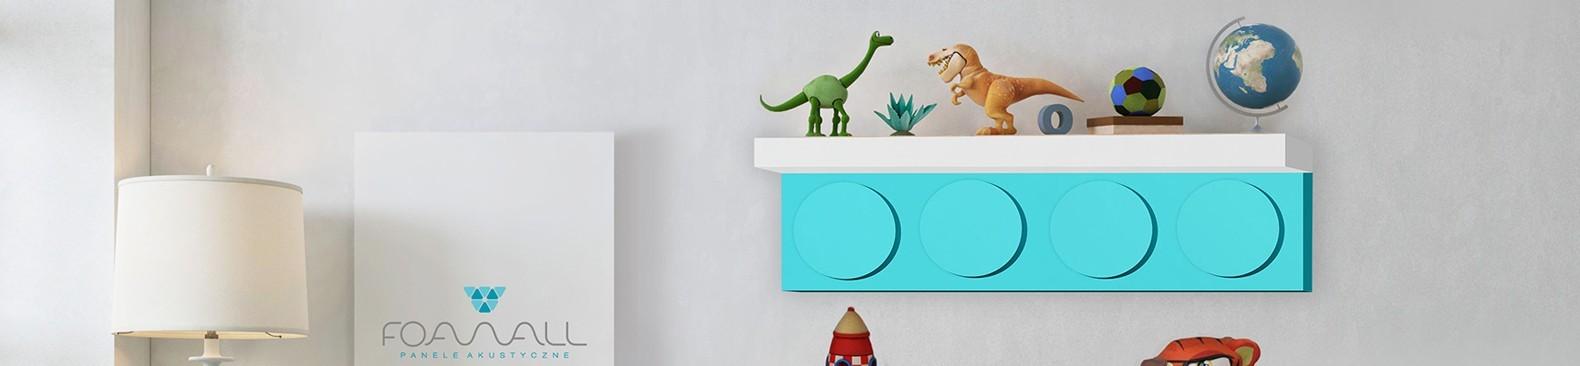 Wiszące półki na ścianę